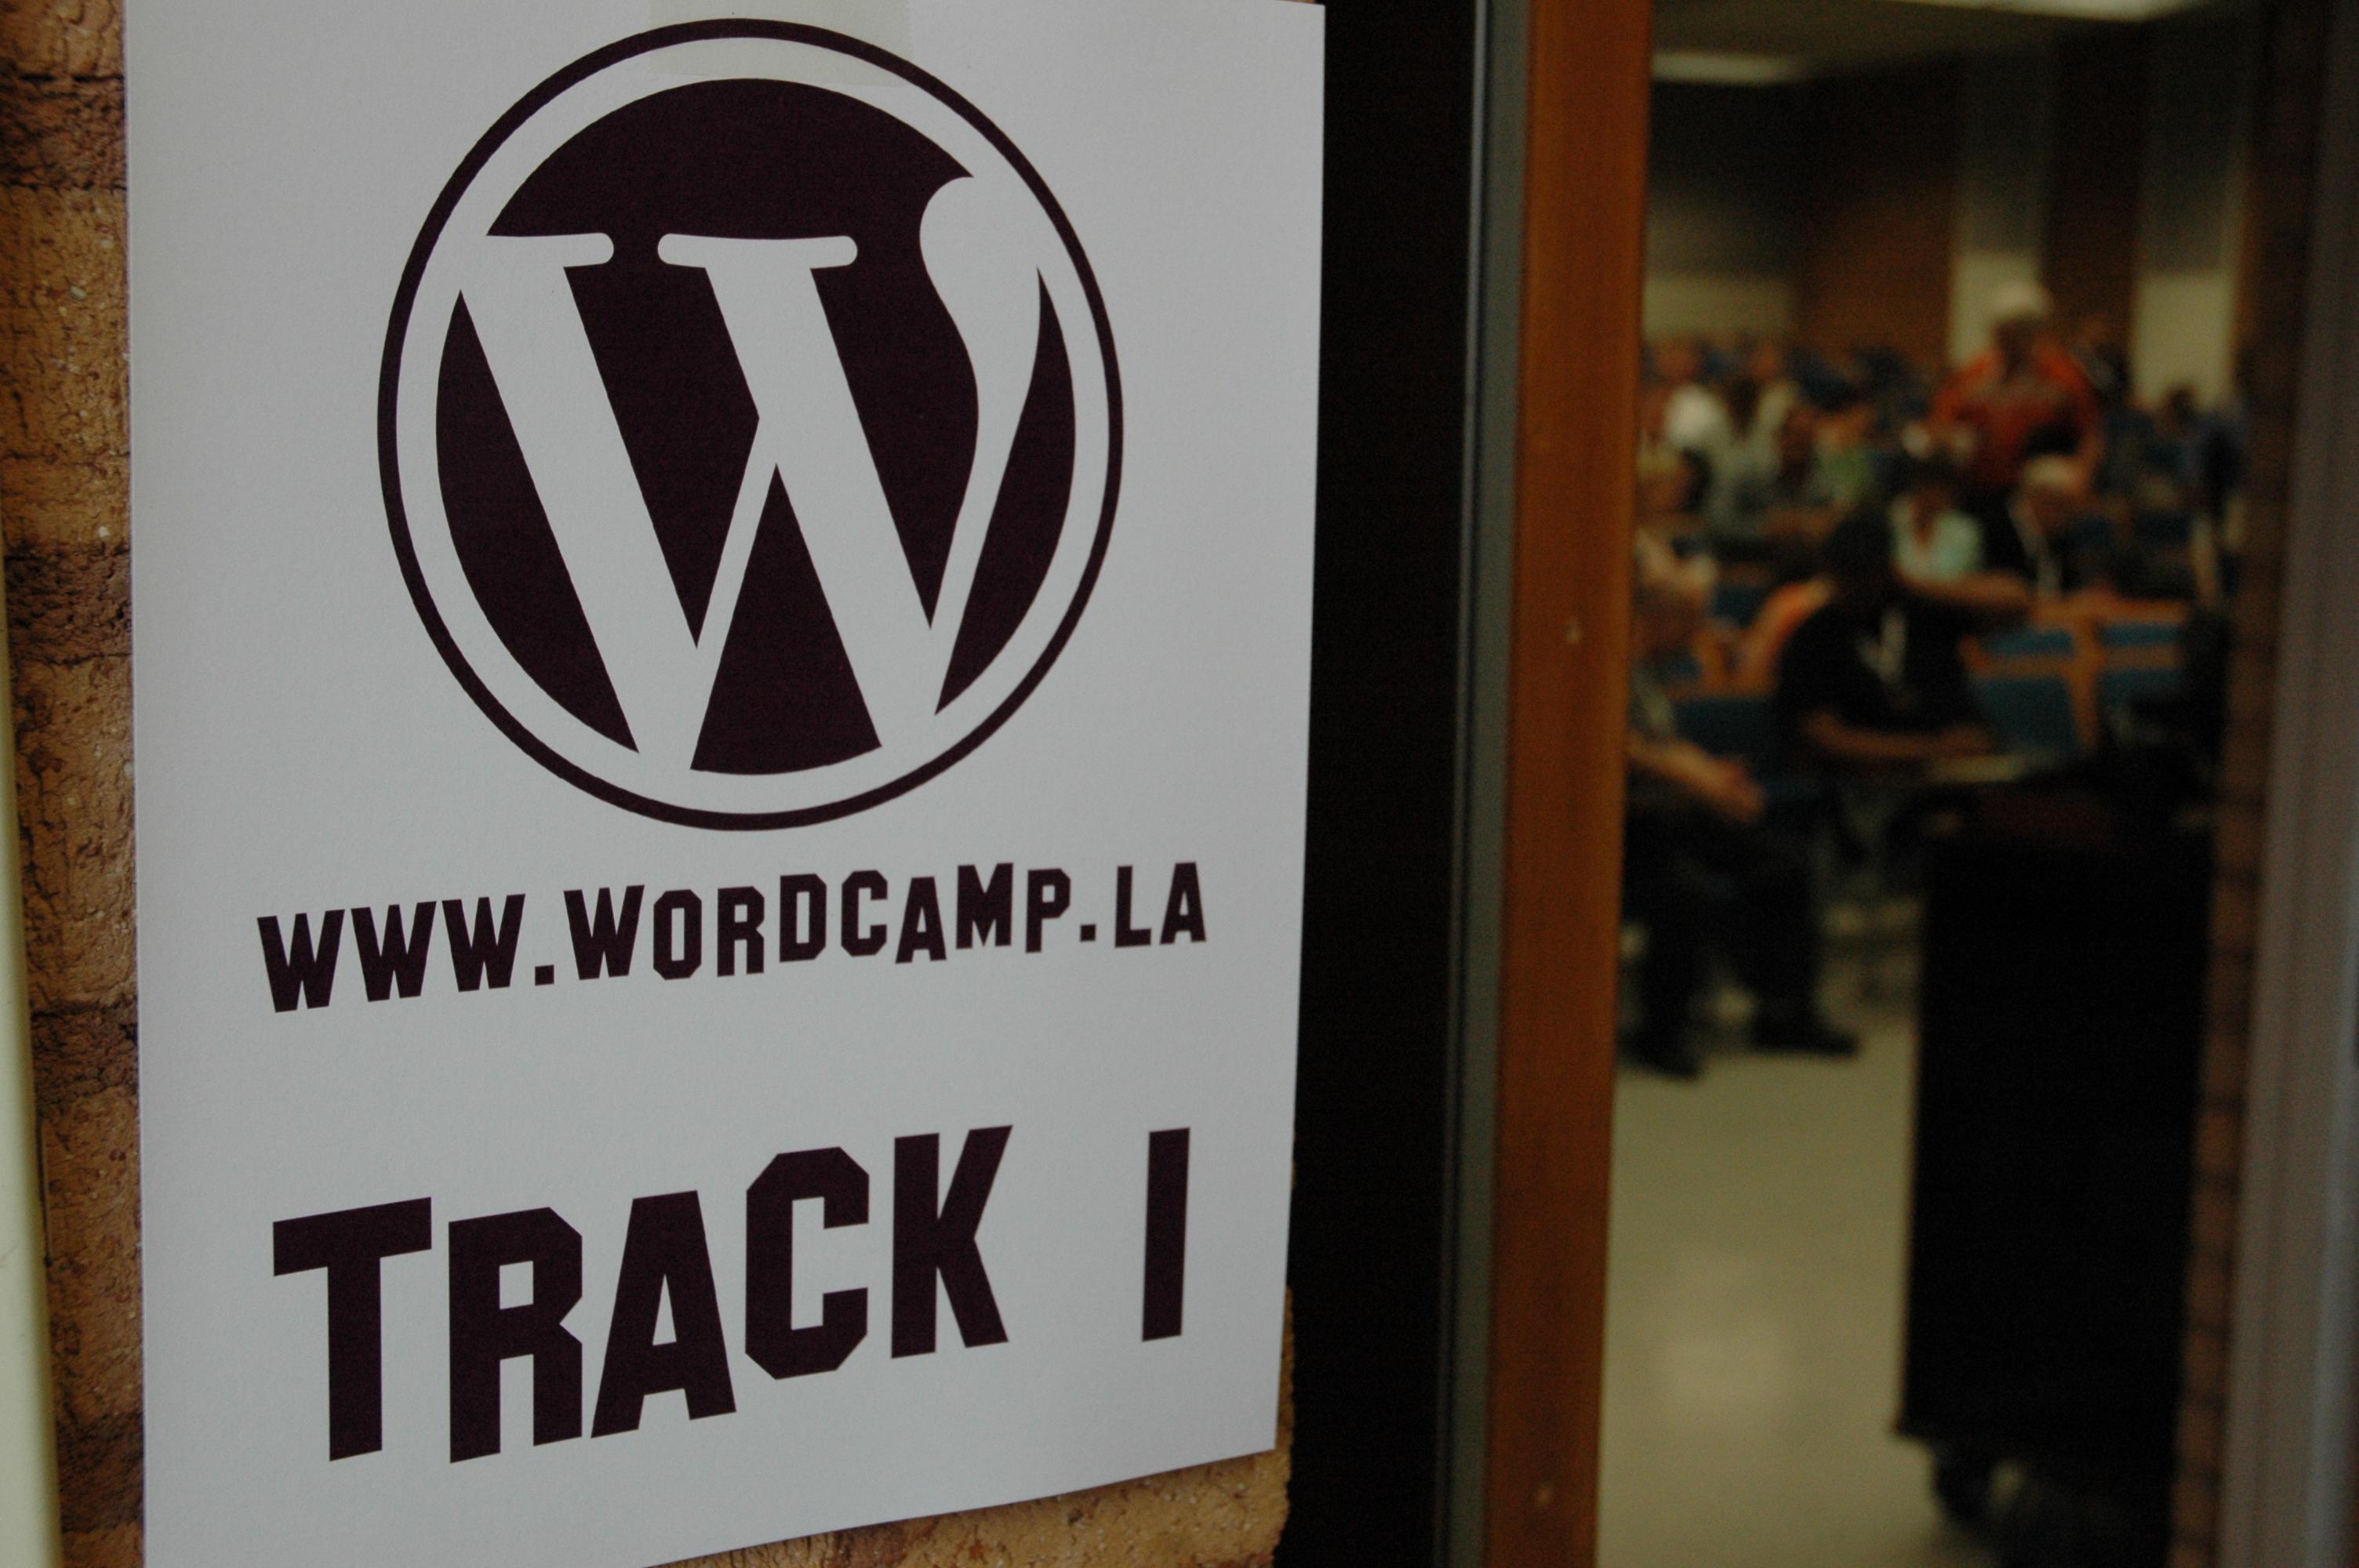 WordCamp LA